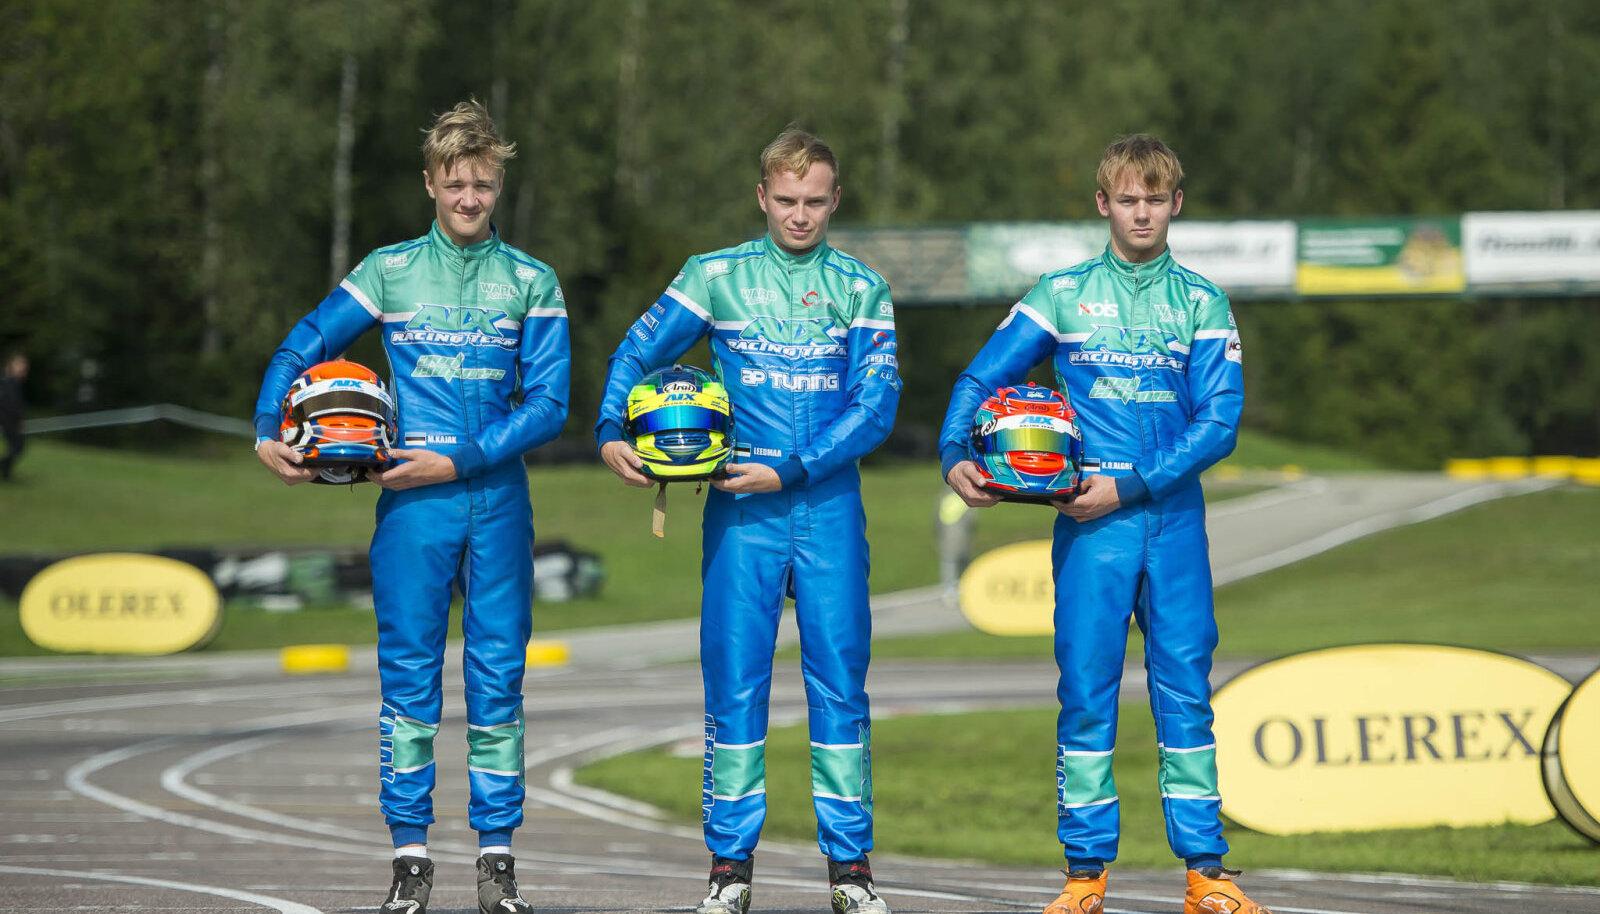 Fotol vasakult Markus Kajak, Siim Leedmaa ja Ken Oskar Algre. Foto autor Tõnis Krikk.